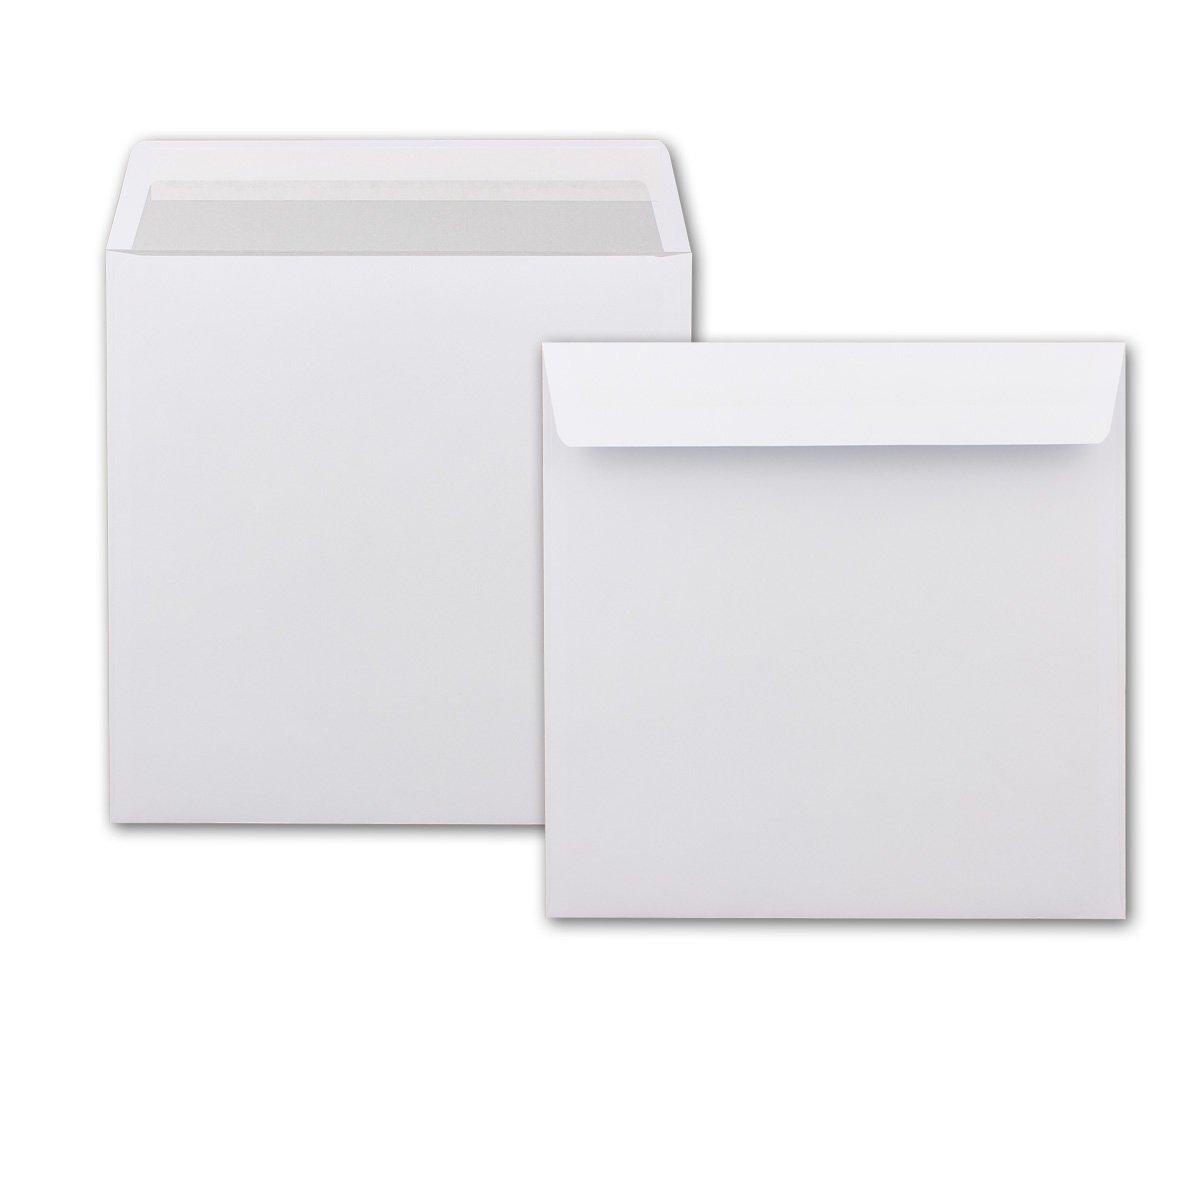 Briefumschläge Quadratisch Quadratisch Quadratisch 220 x 220 mm - Weiß mit grauem Innendruck   1000 Stück   EXTRA QUALITÄT - 100 g m²   22 x 22 cm - Für ganz besondere Anlässe  - Haftklebung - Qualitätsmarke  Gustav NEUSER B077M98NLQ   Ho 3b11cd